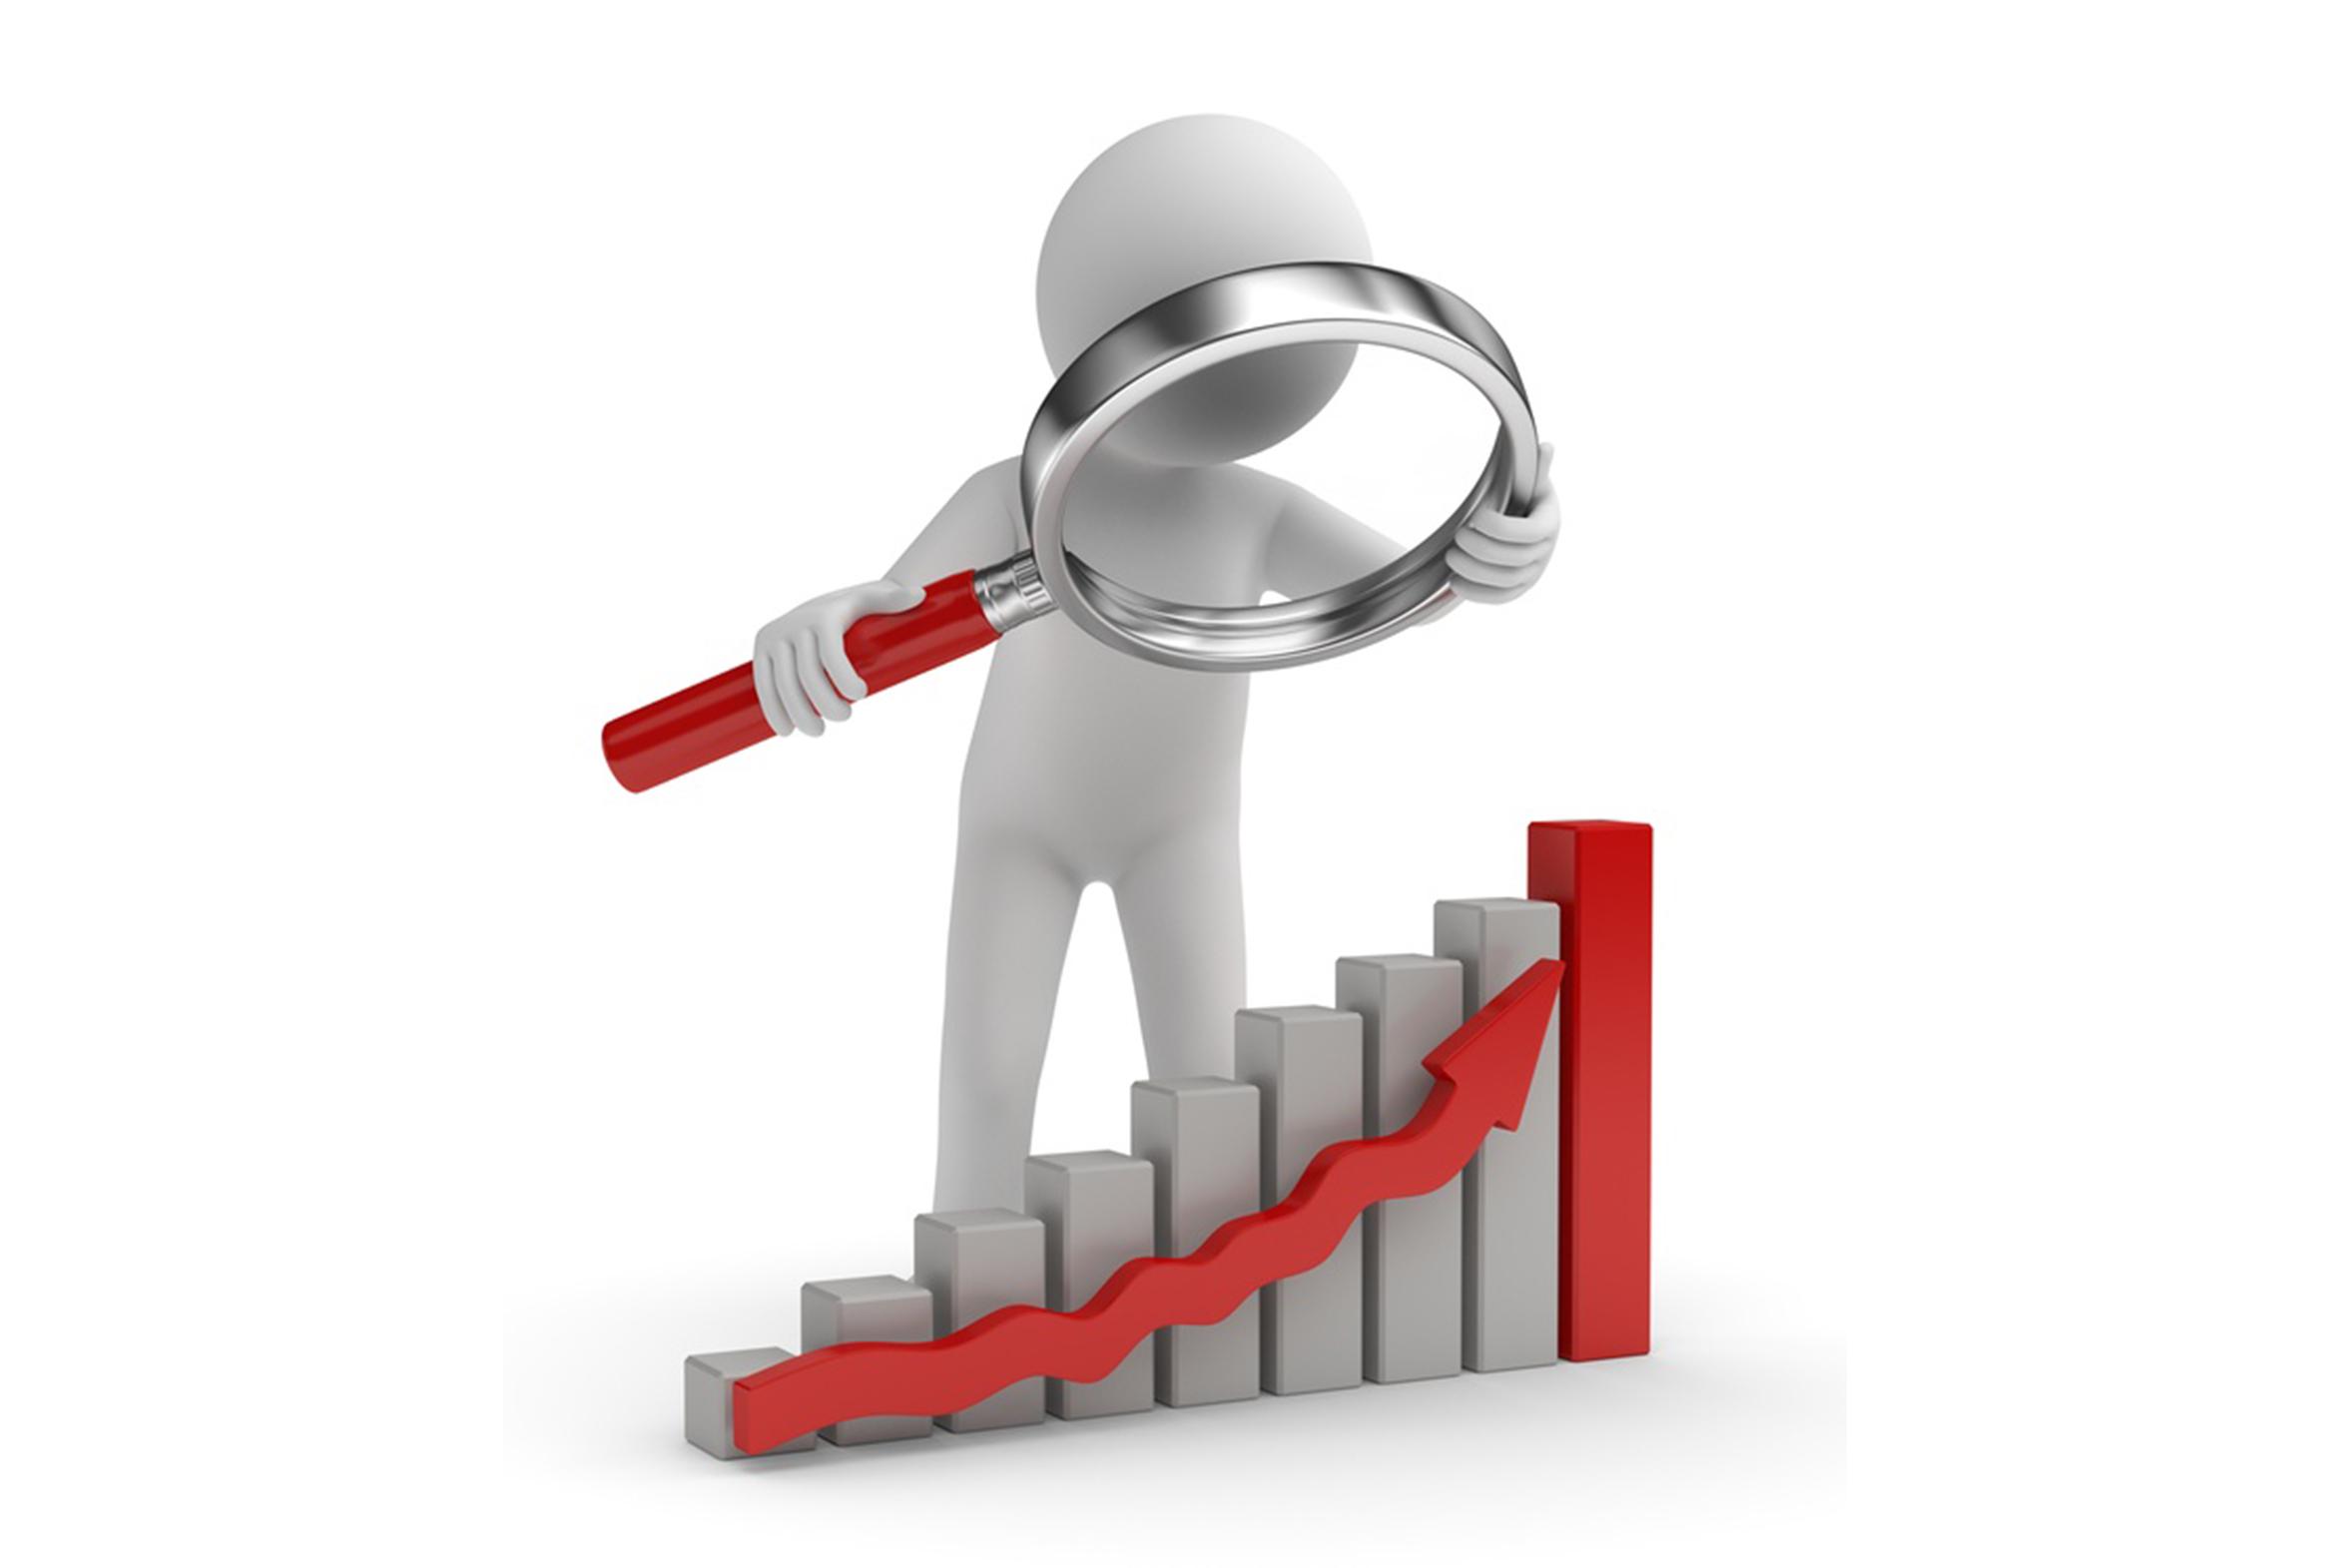 Finanzmakler - Marktüberblick